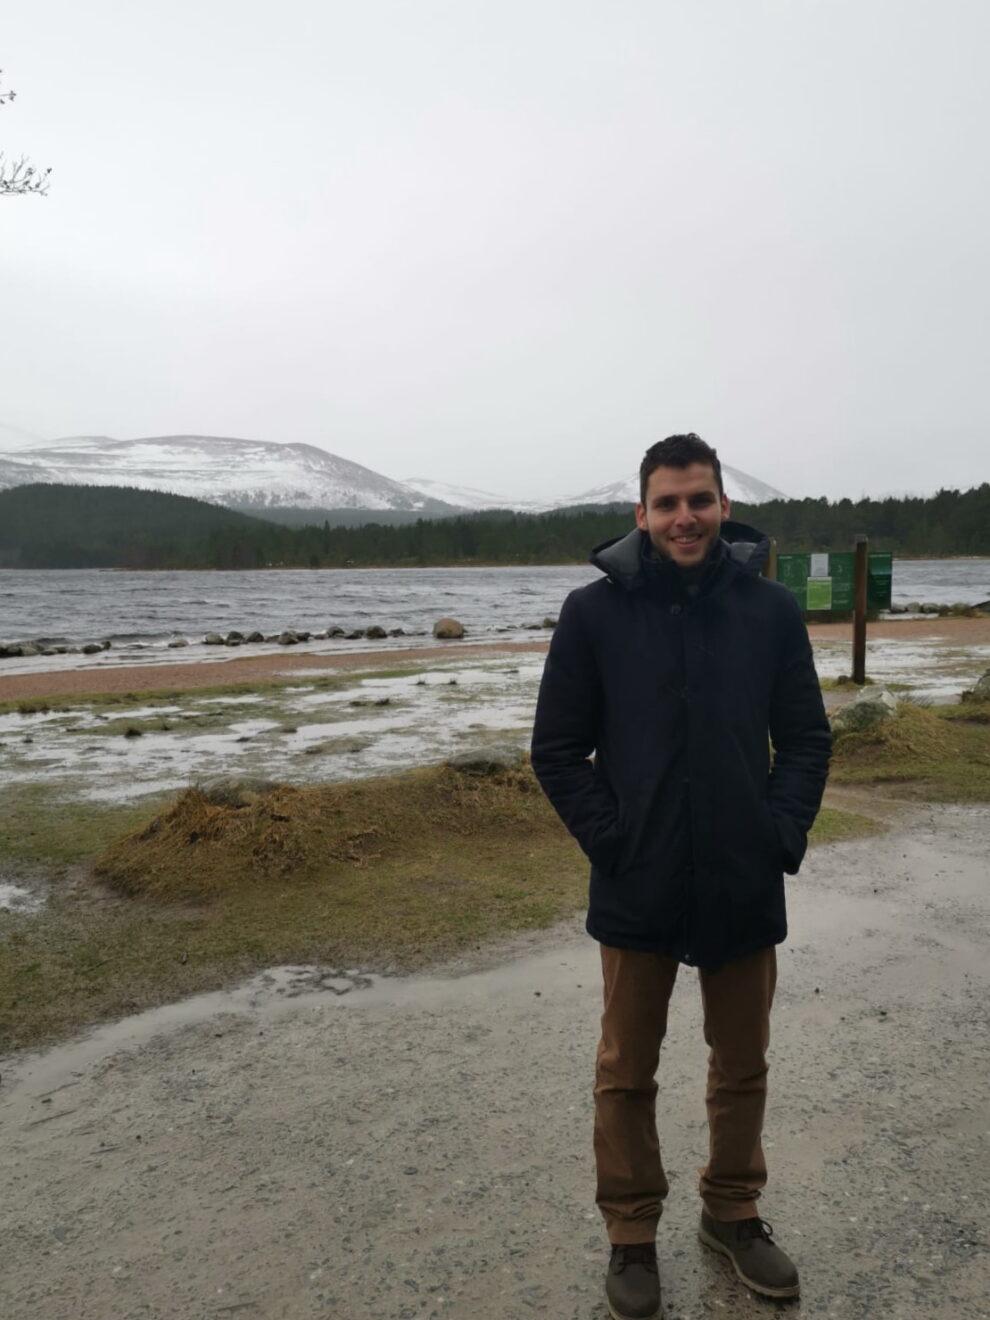 Ο Καλαματιανός μηχανικός  πετρελαίου στο Αμπερντίν της Σκωτίας